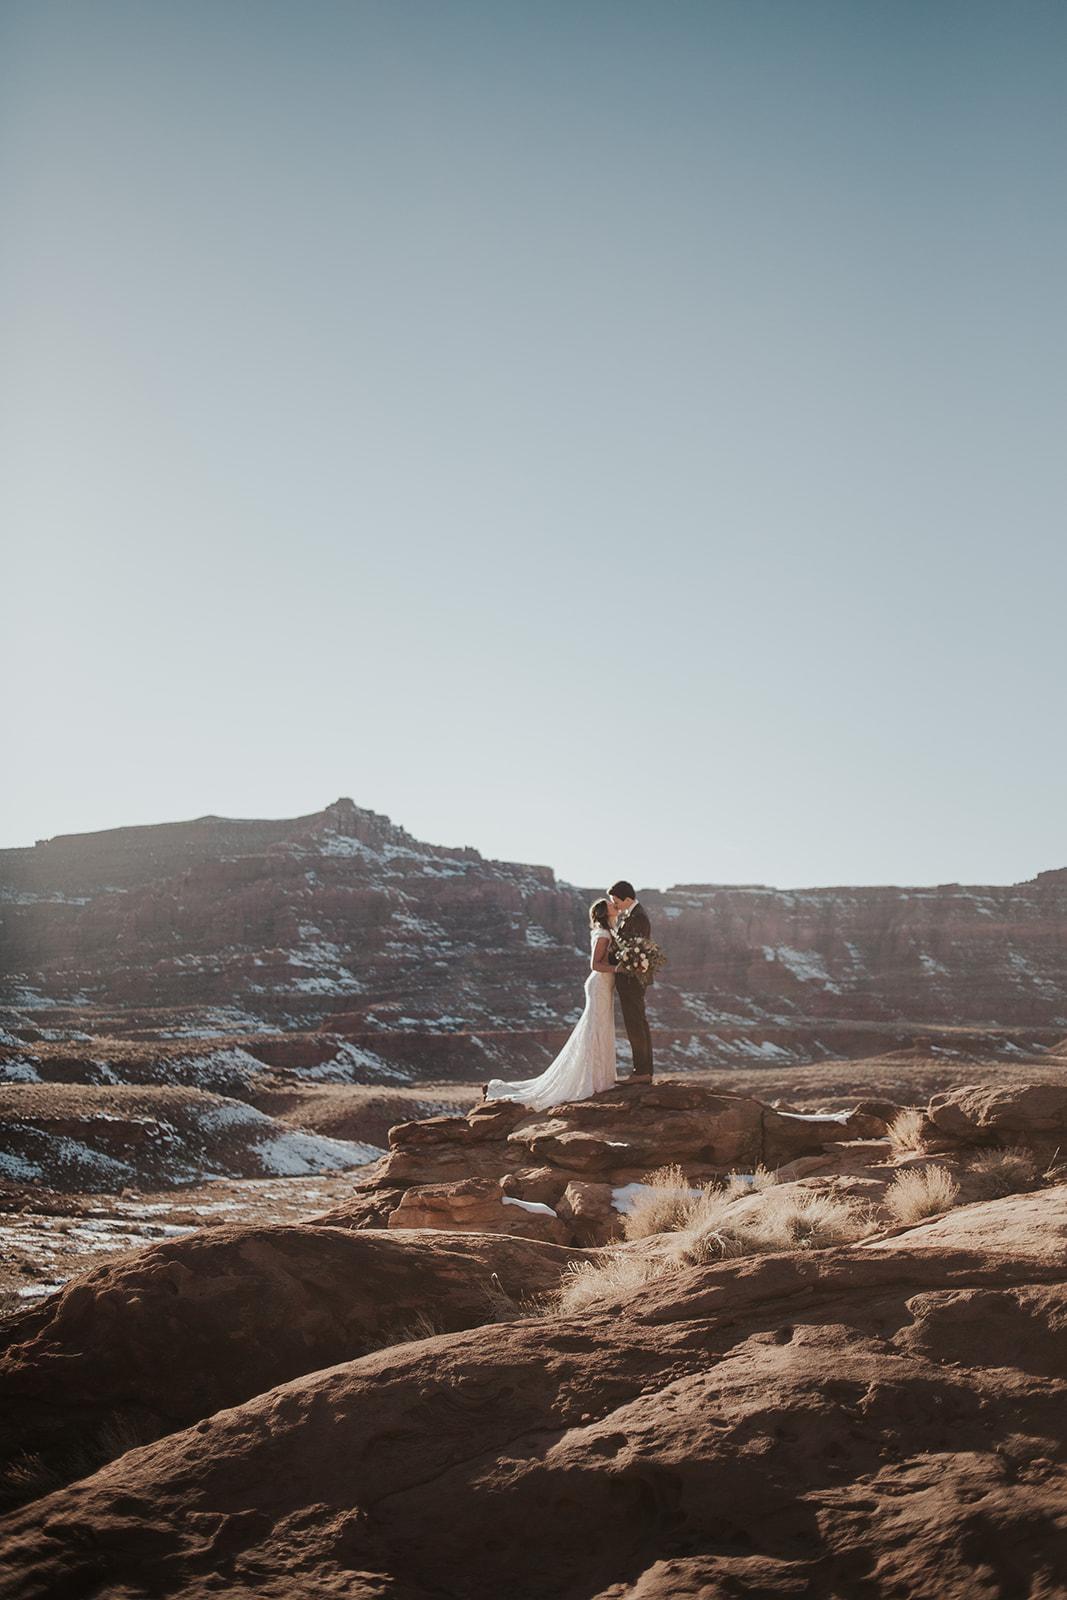 jamie+weston bridals-6.jpg